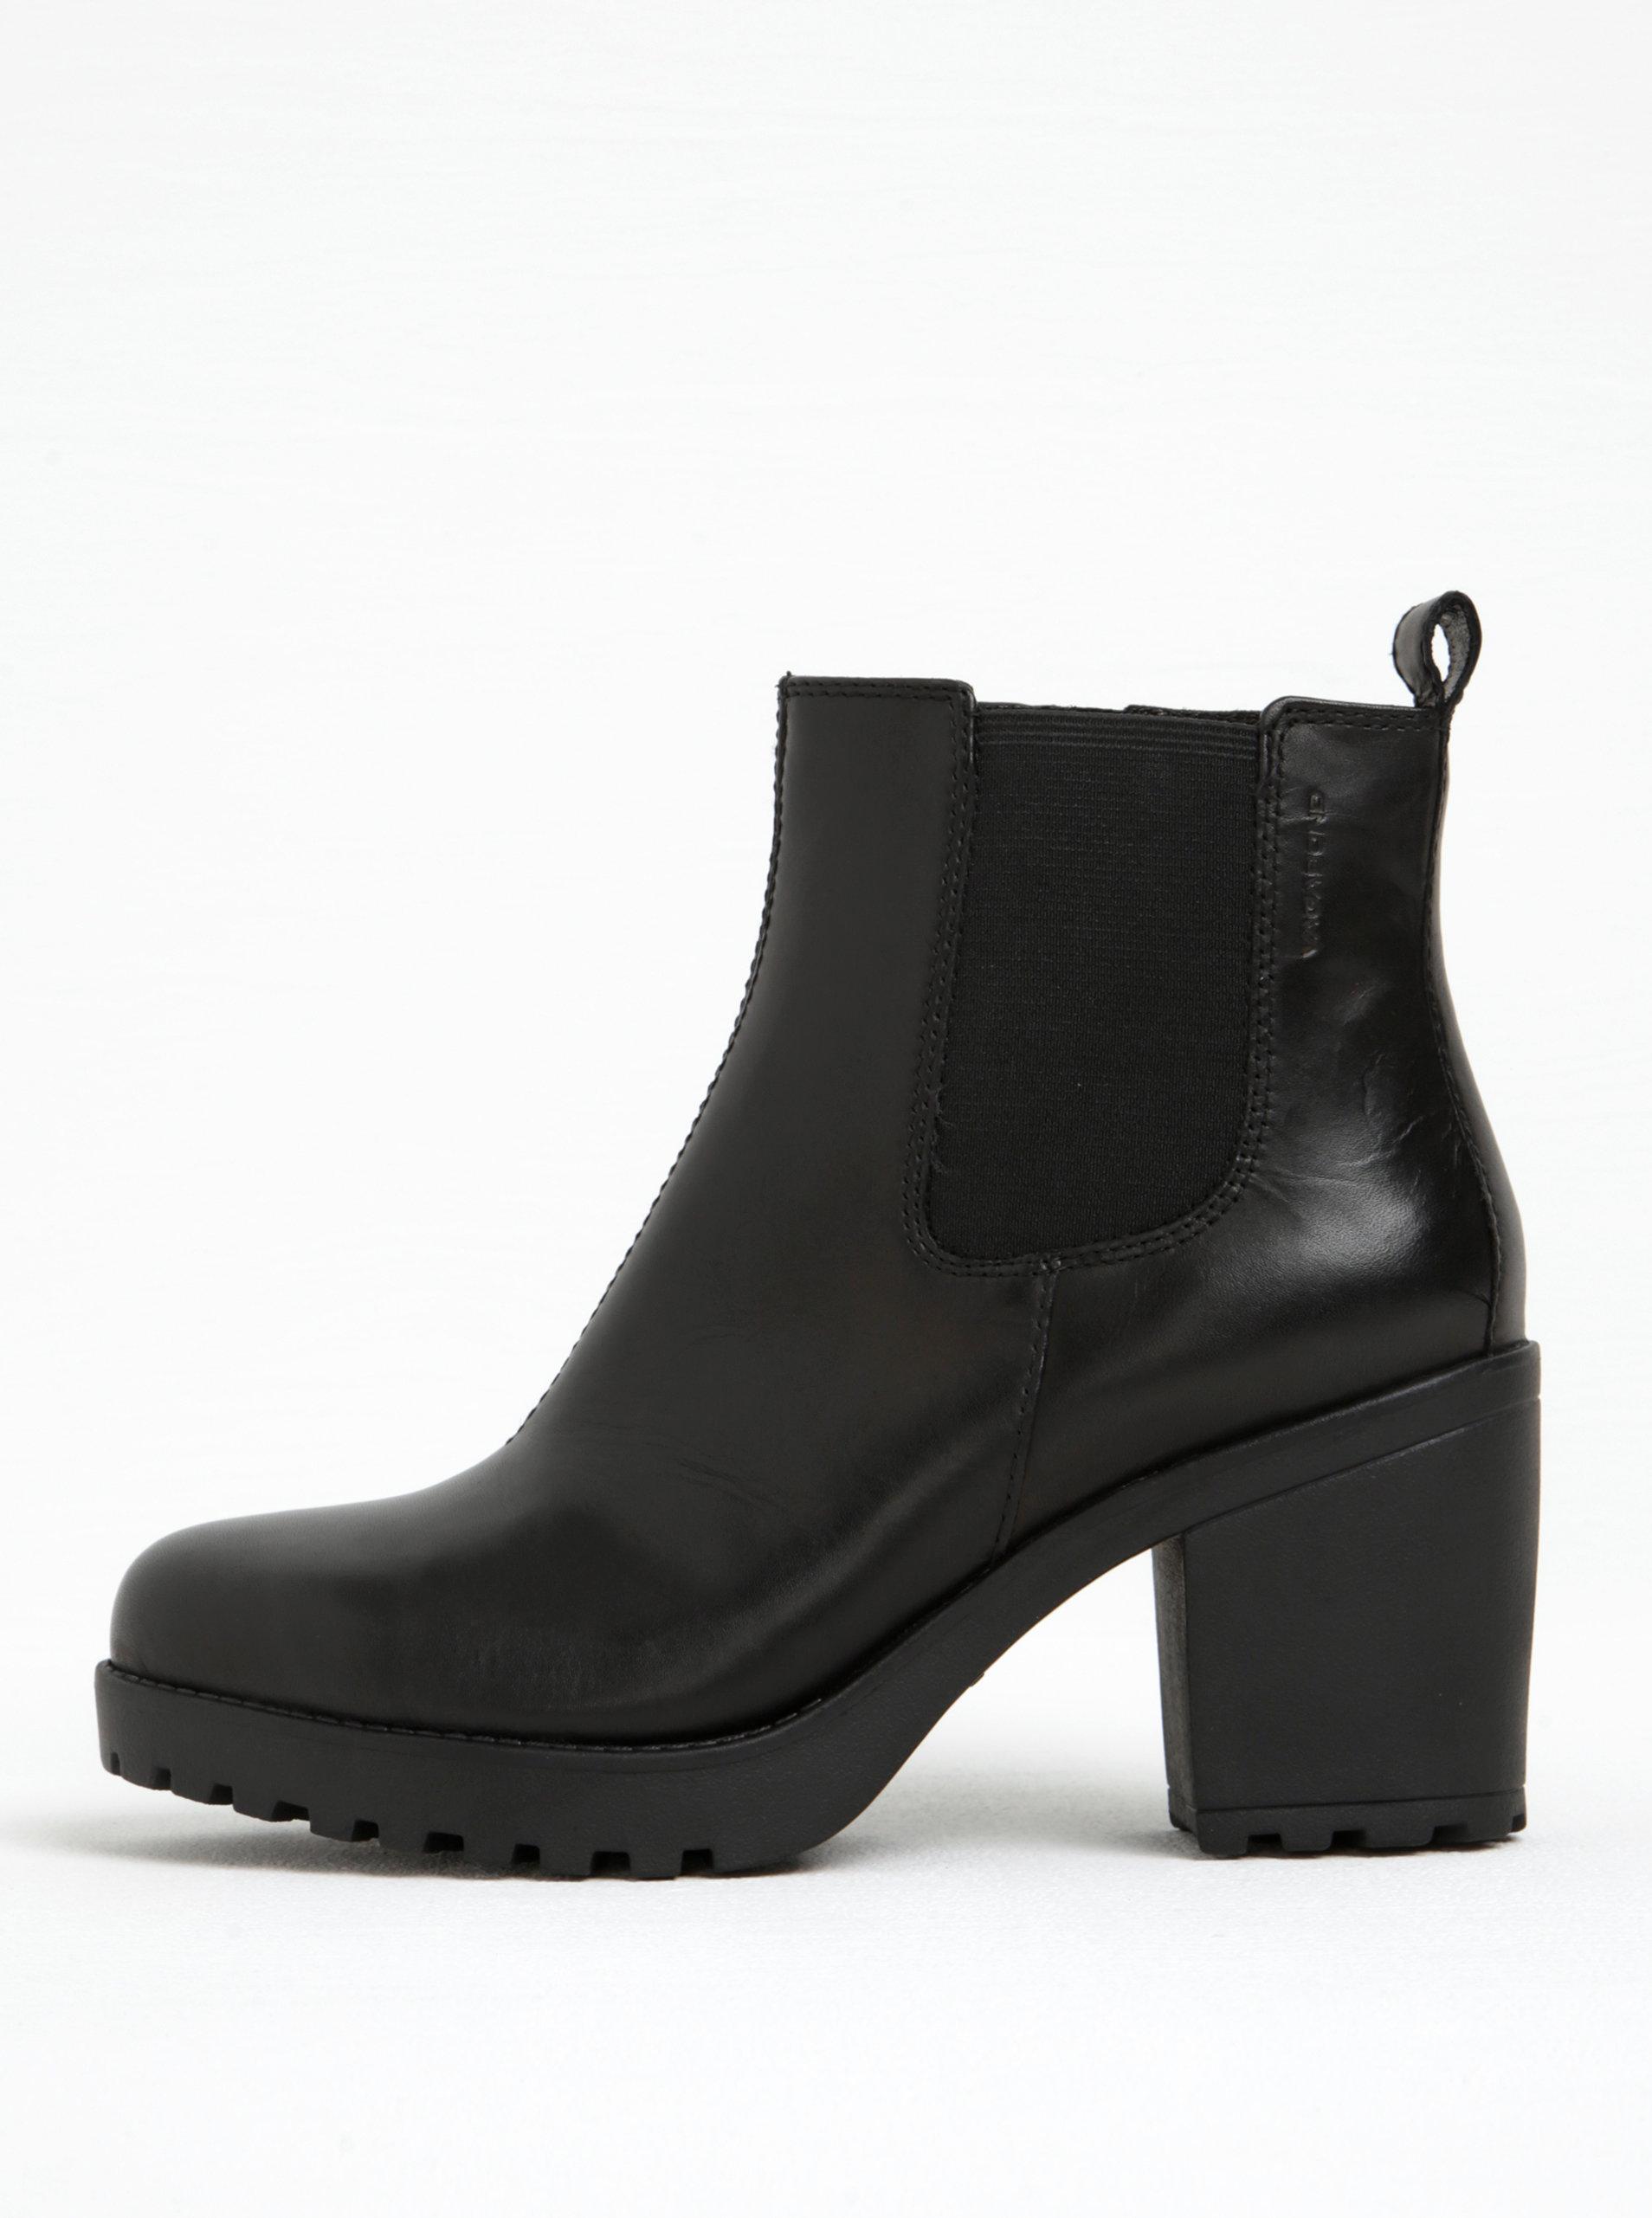 a0263e5ff2a Černé dámské kožené kotníkové boty na podpatku Vagabond Marja ...